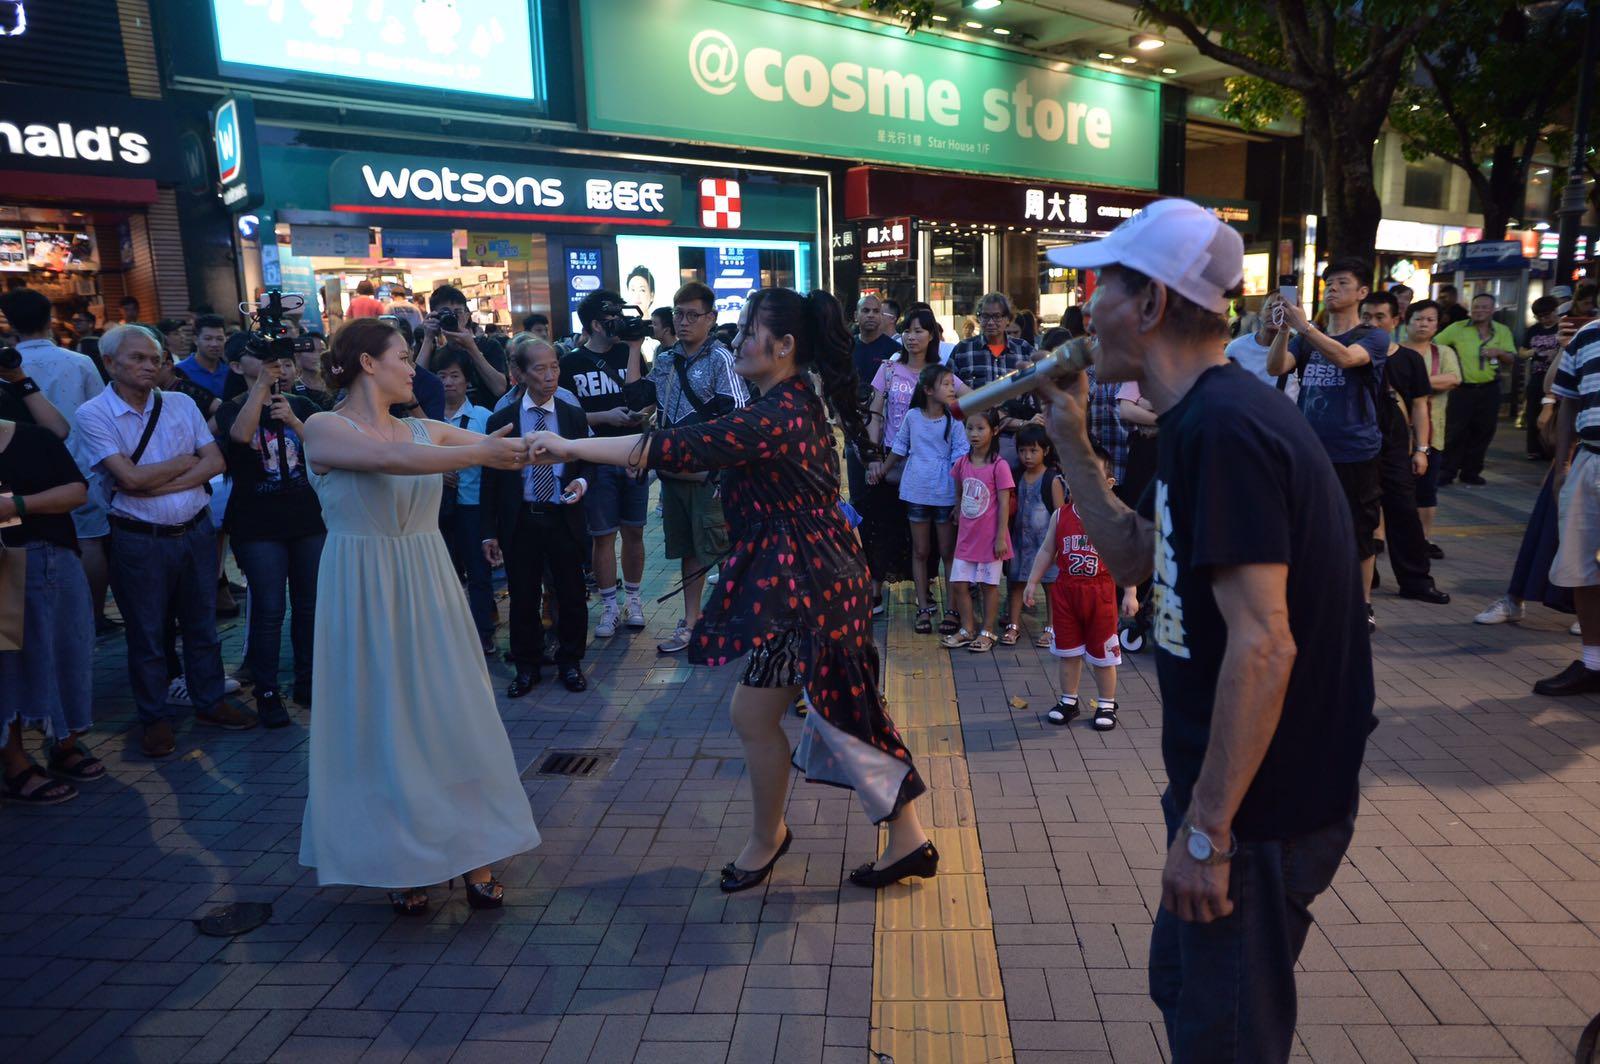 旺角行人專用區「殺街」後,部分表演者轉到尖沙嘴天星碼頭繼續表演。黃賢創攝